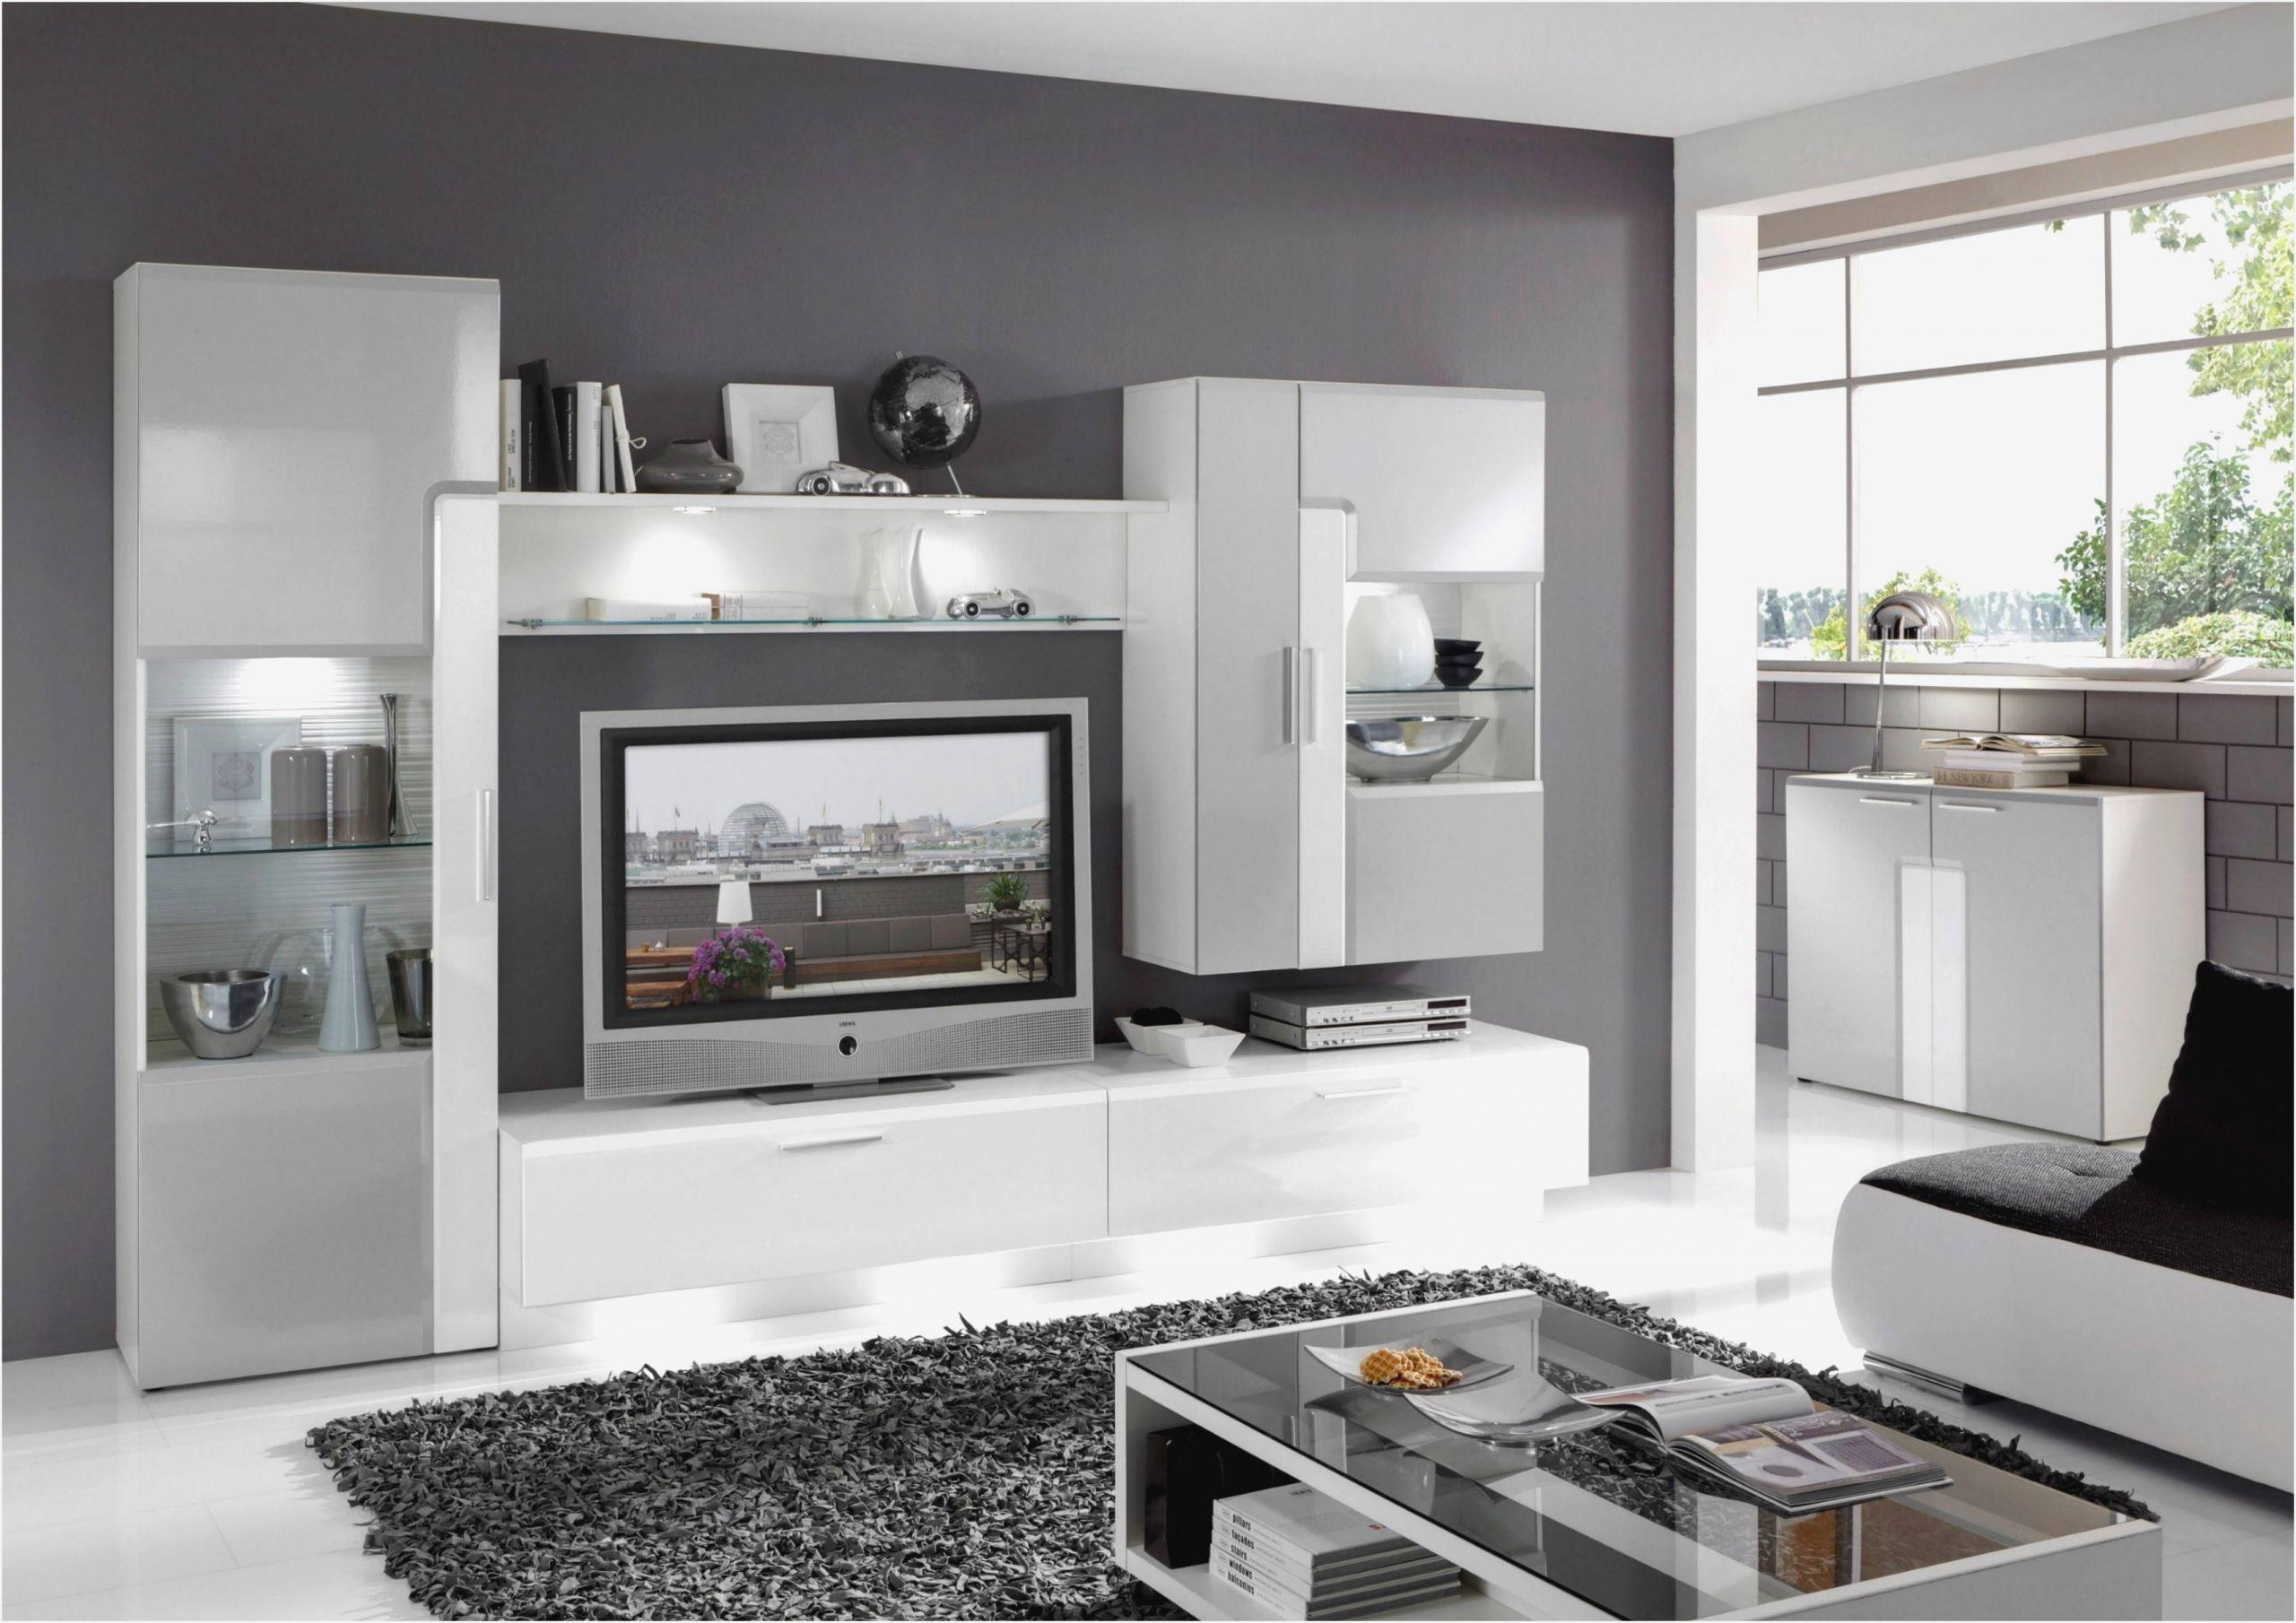 Full Size of Ikea Wohnzimmerschrank Miniküche Betten 160x200 Küche Kosten Bei Modulküche Kaufen Sofa Mit Schlaffunktion Wohnzimmer Ikea Wohnzimmerschrank